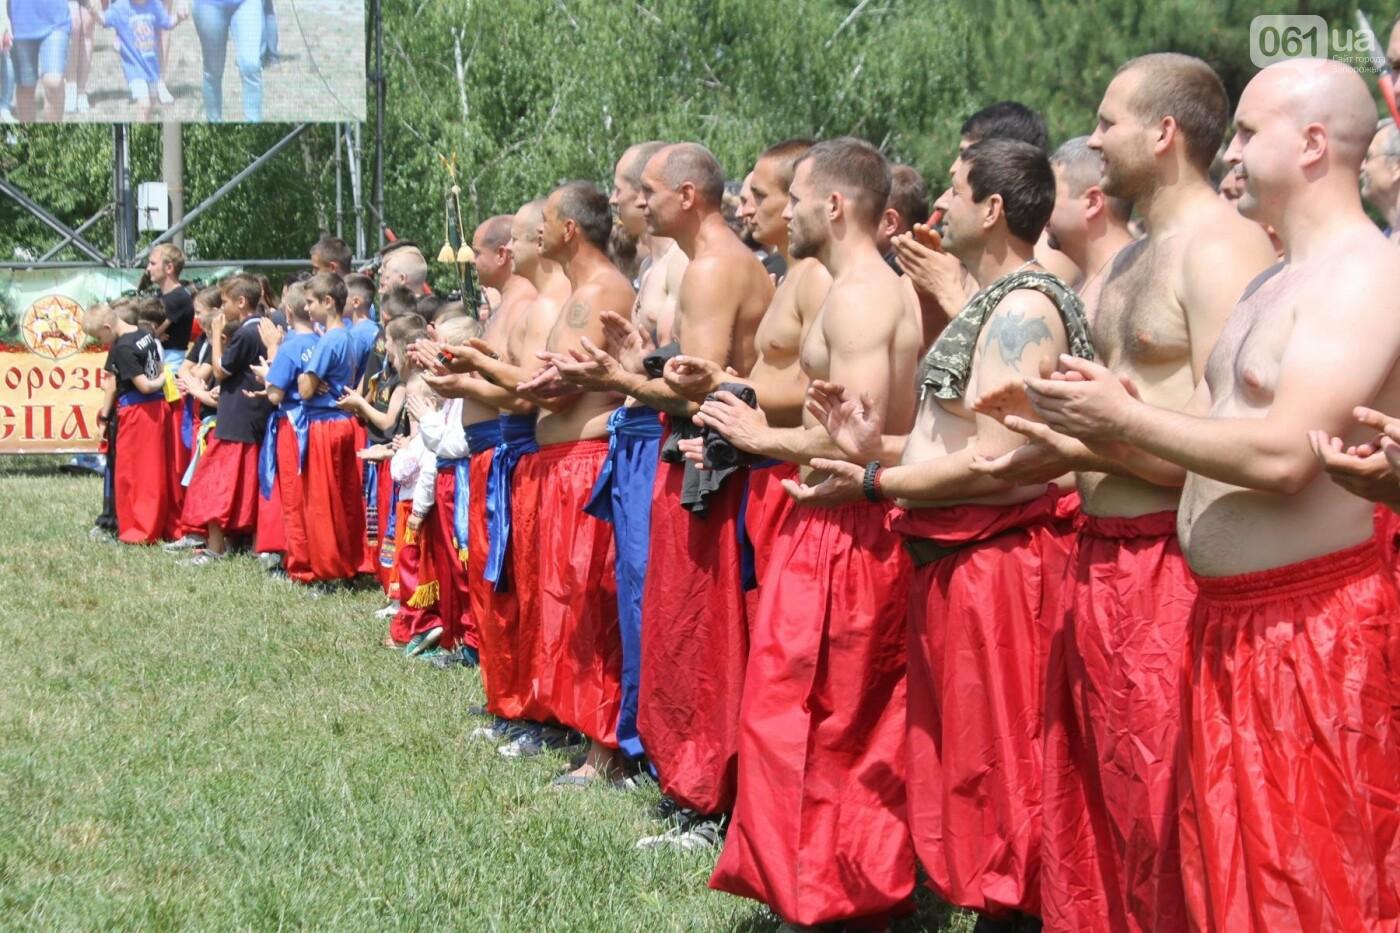 «Лава на лаву», борьба на поясах и ярмарка вышиванок: как в Запорожье прошли всеукраинские казацкие игры, – ФОТОРЕПОРТАЖ, фото-4